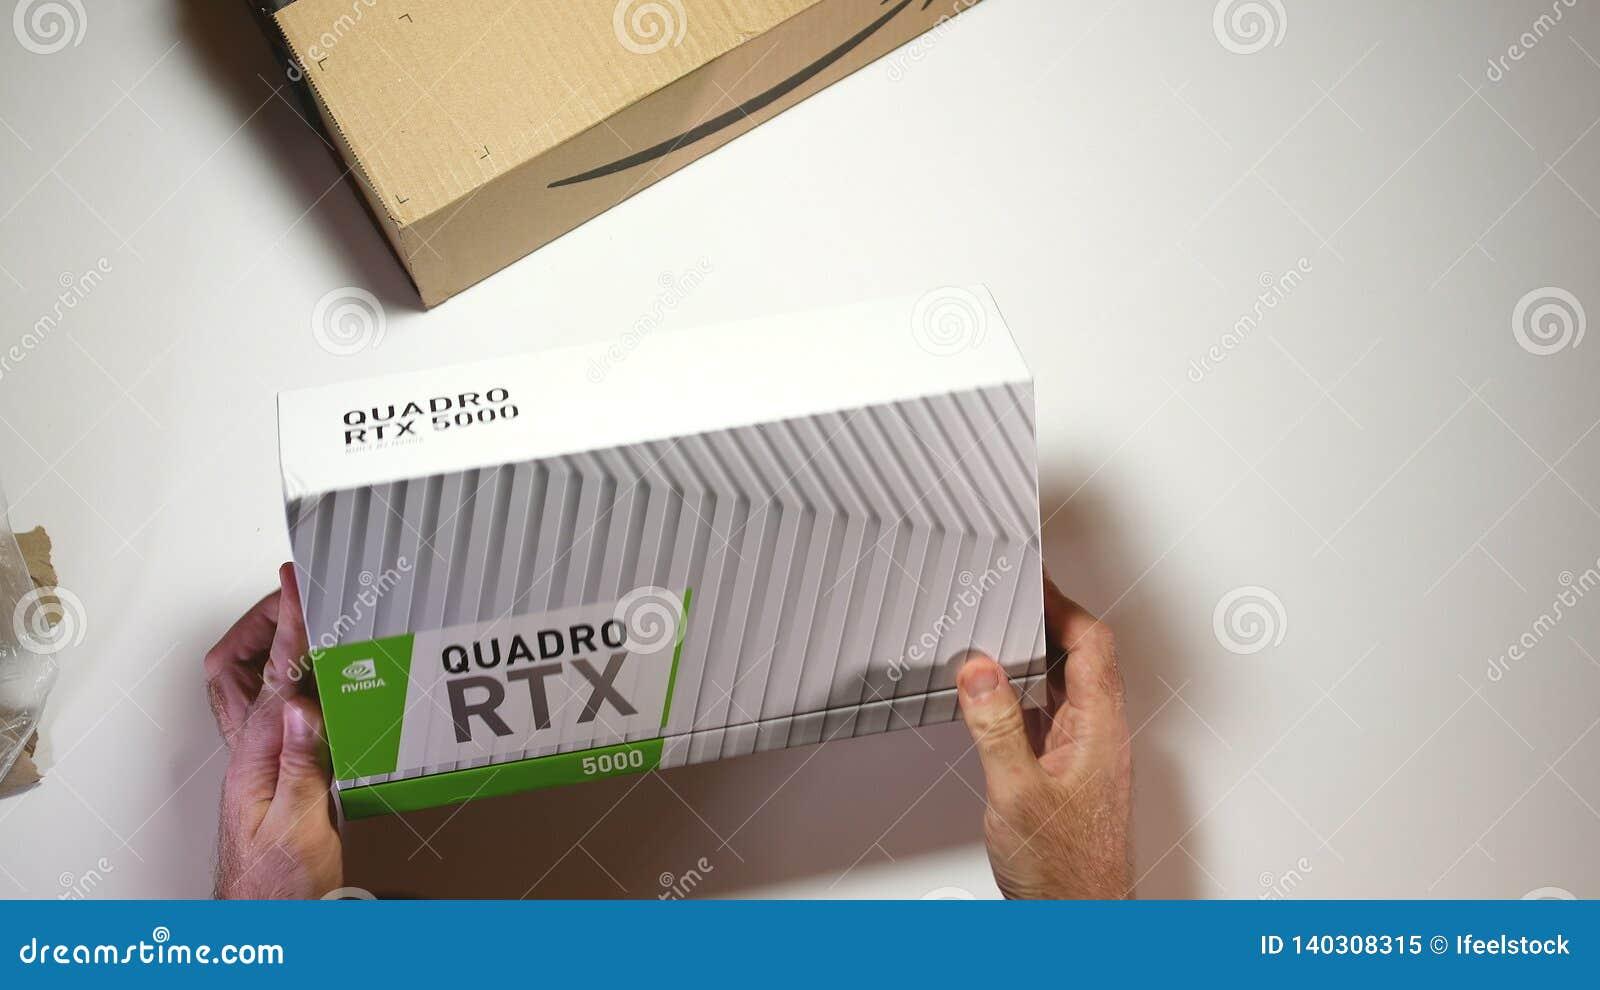 Quadro Rtx Vs Geforce Rtx